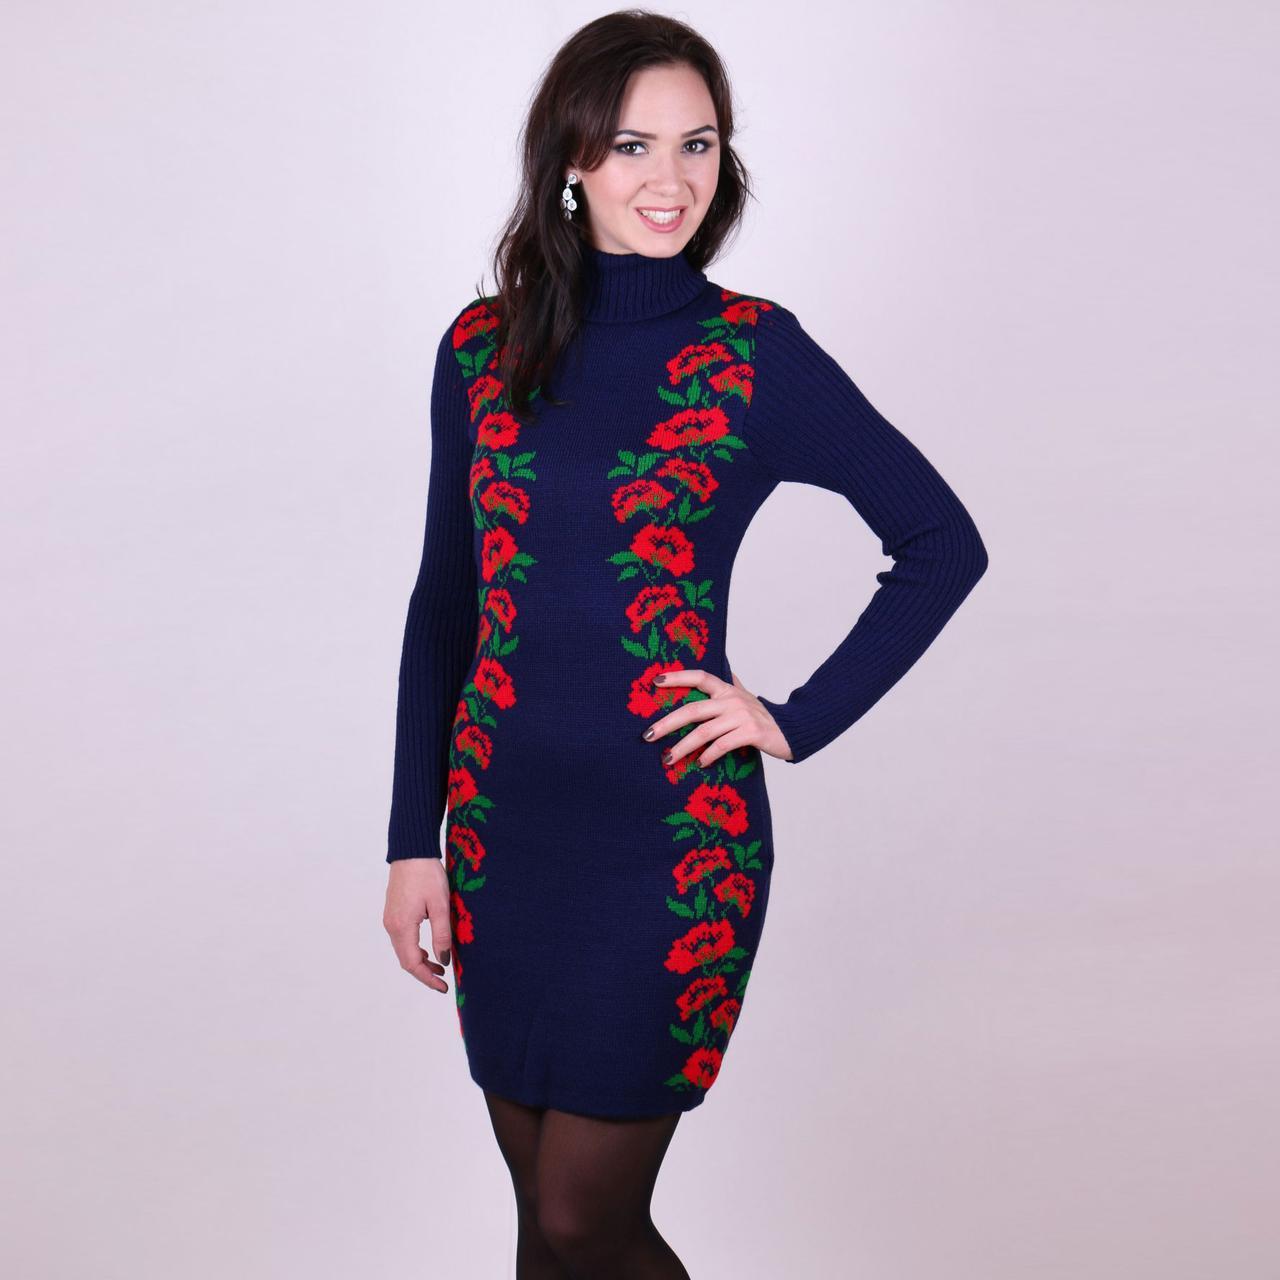 Синее вязаное платье Маки алый цветочный узор